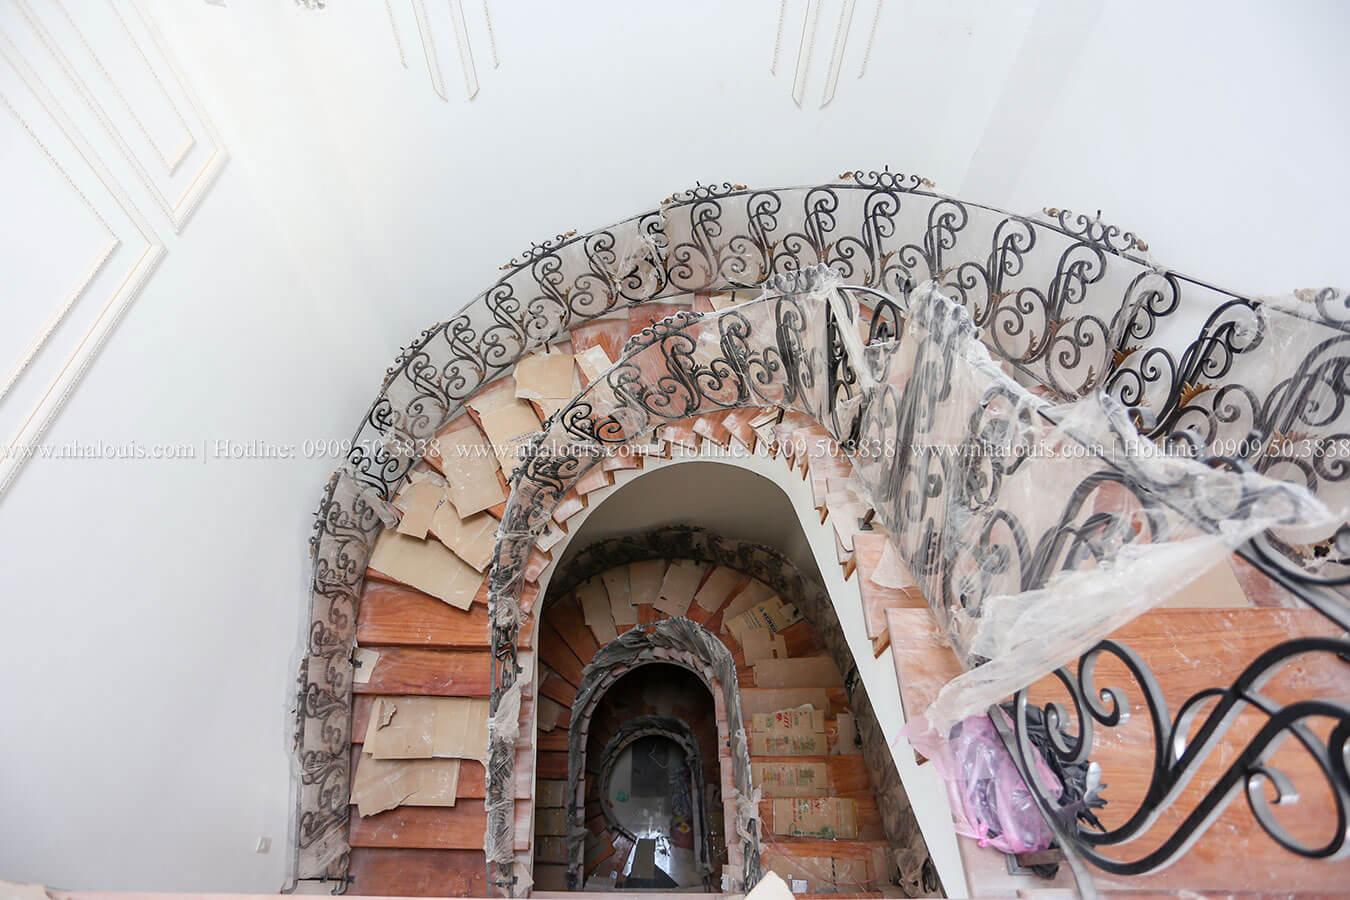 Thi công biệt thự phong cách cổ điển Châu Âu đẳng cấp tại Bến Tre